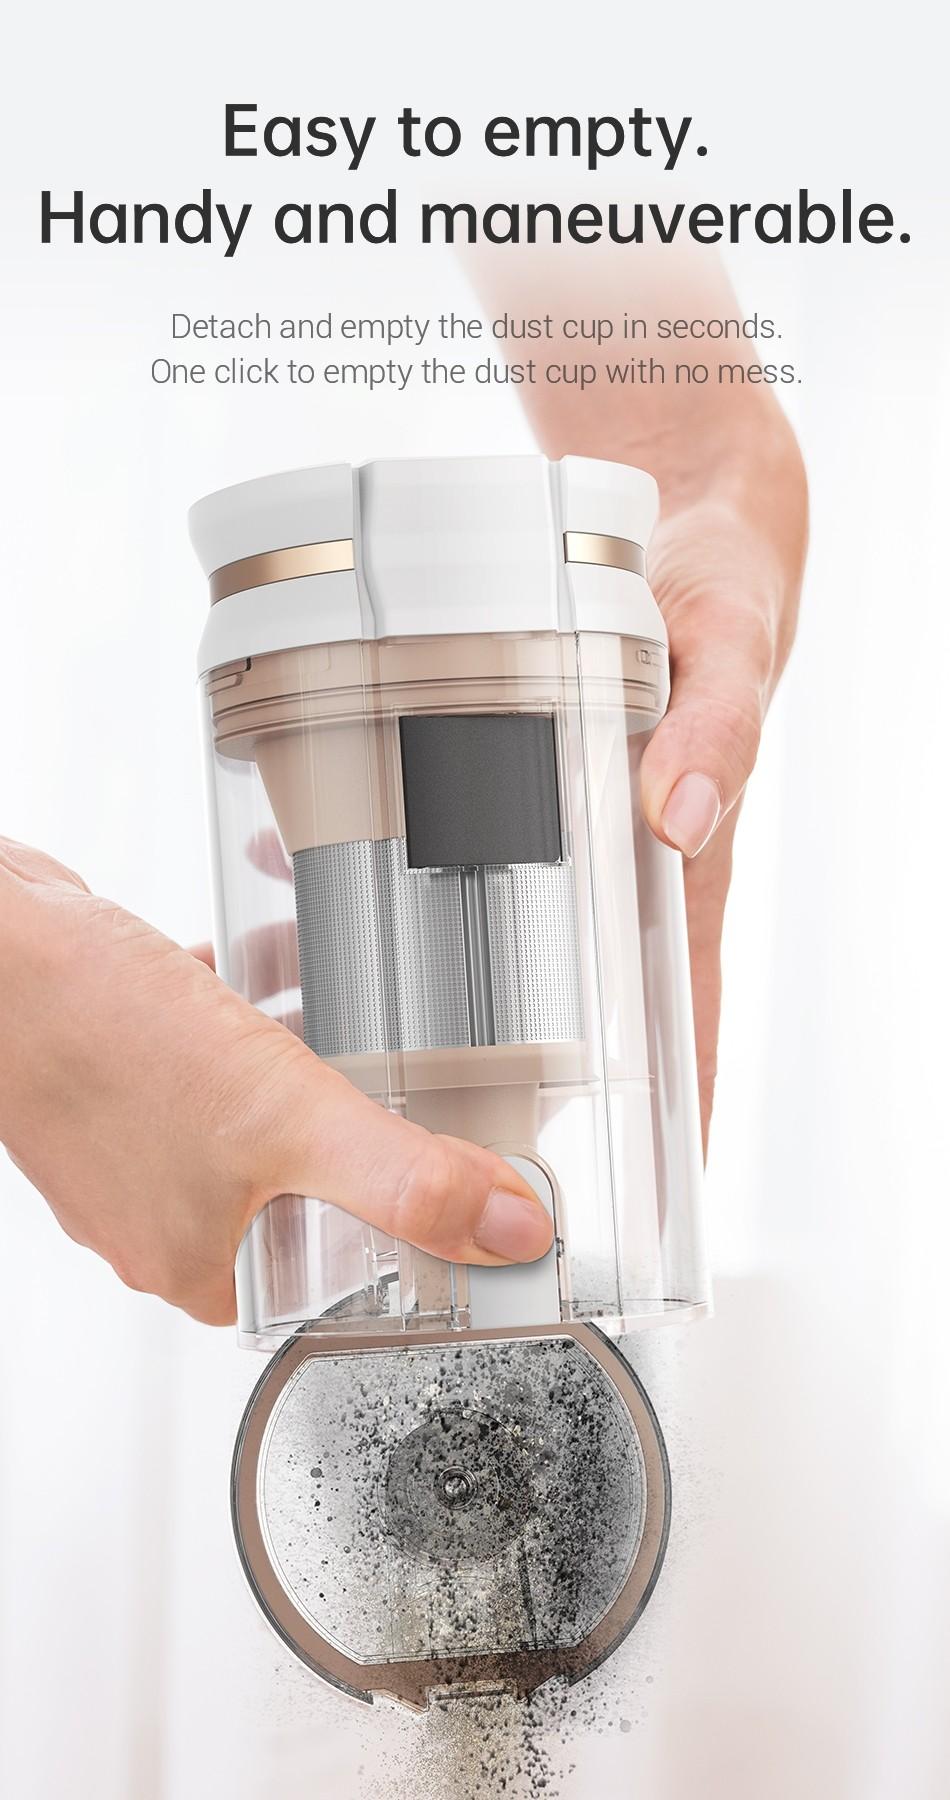 Dreame P10 Pro Kabelloser Handstaubsauger EU Version - Für Haus 22kPa Haushaltsgeräte LED-Anzeige Staubsammler Boden Teppich Aspirator